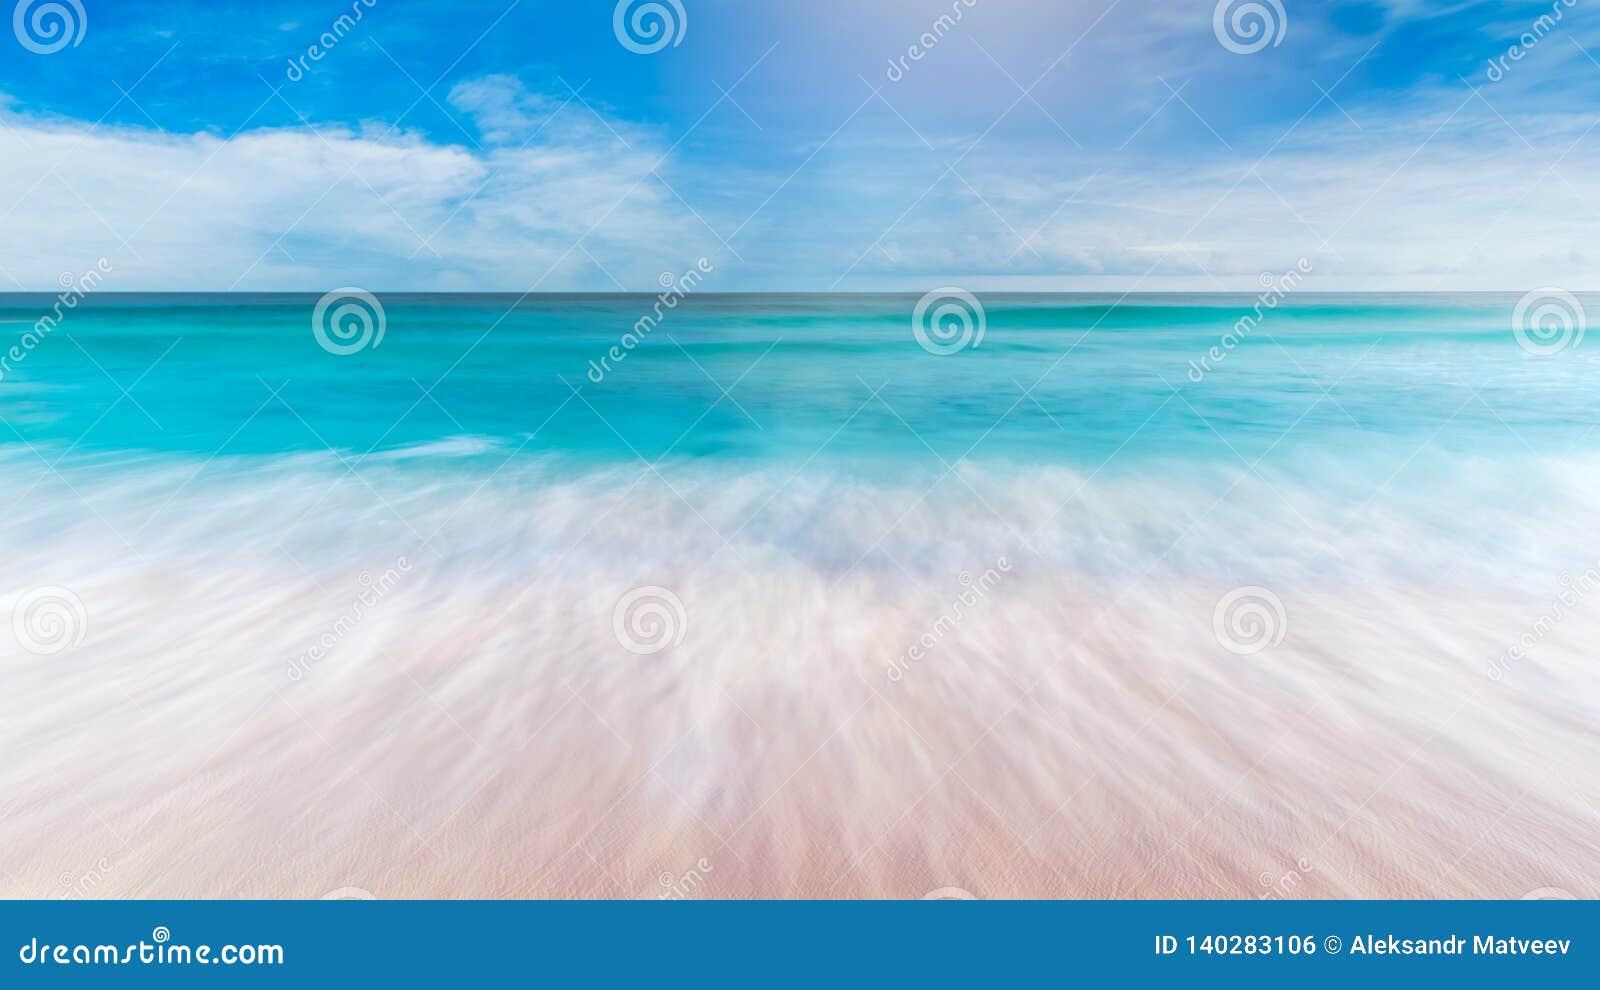 Θερινή θάλασσα με την ομαλή άμμο μπλε ουρανού κυμάτων και ελεύθερου χώρου